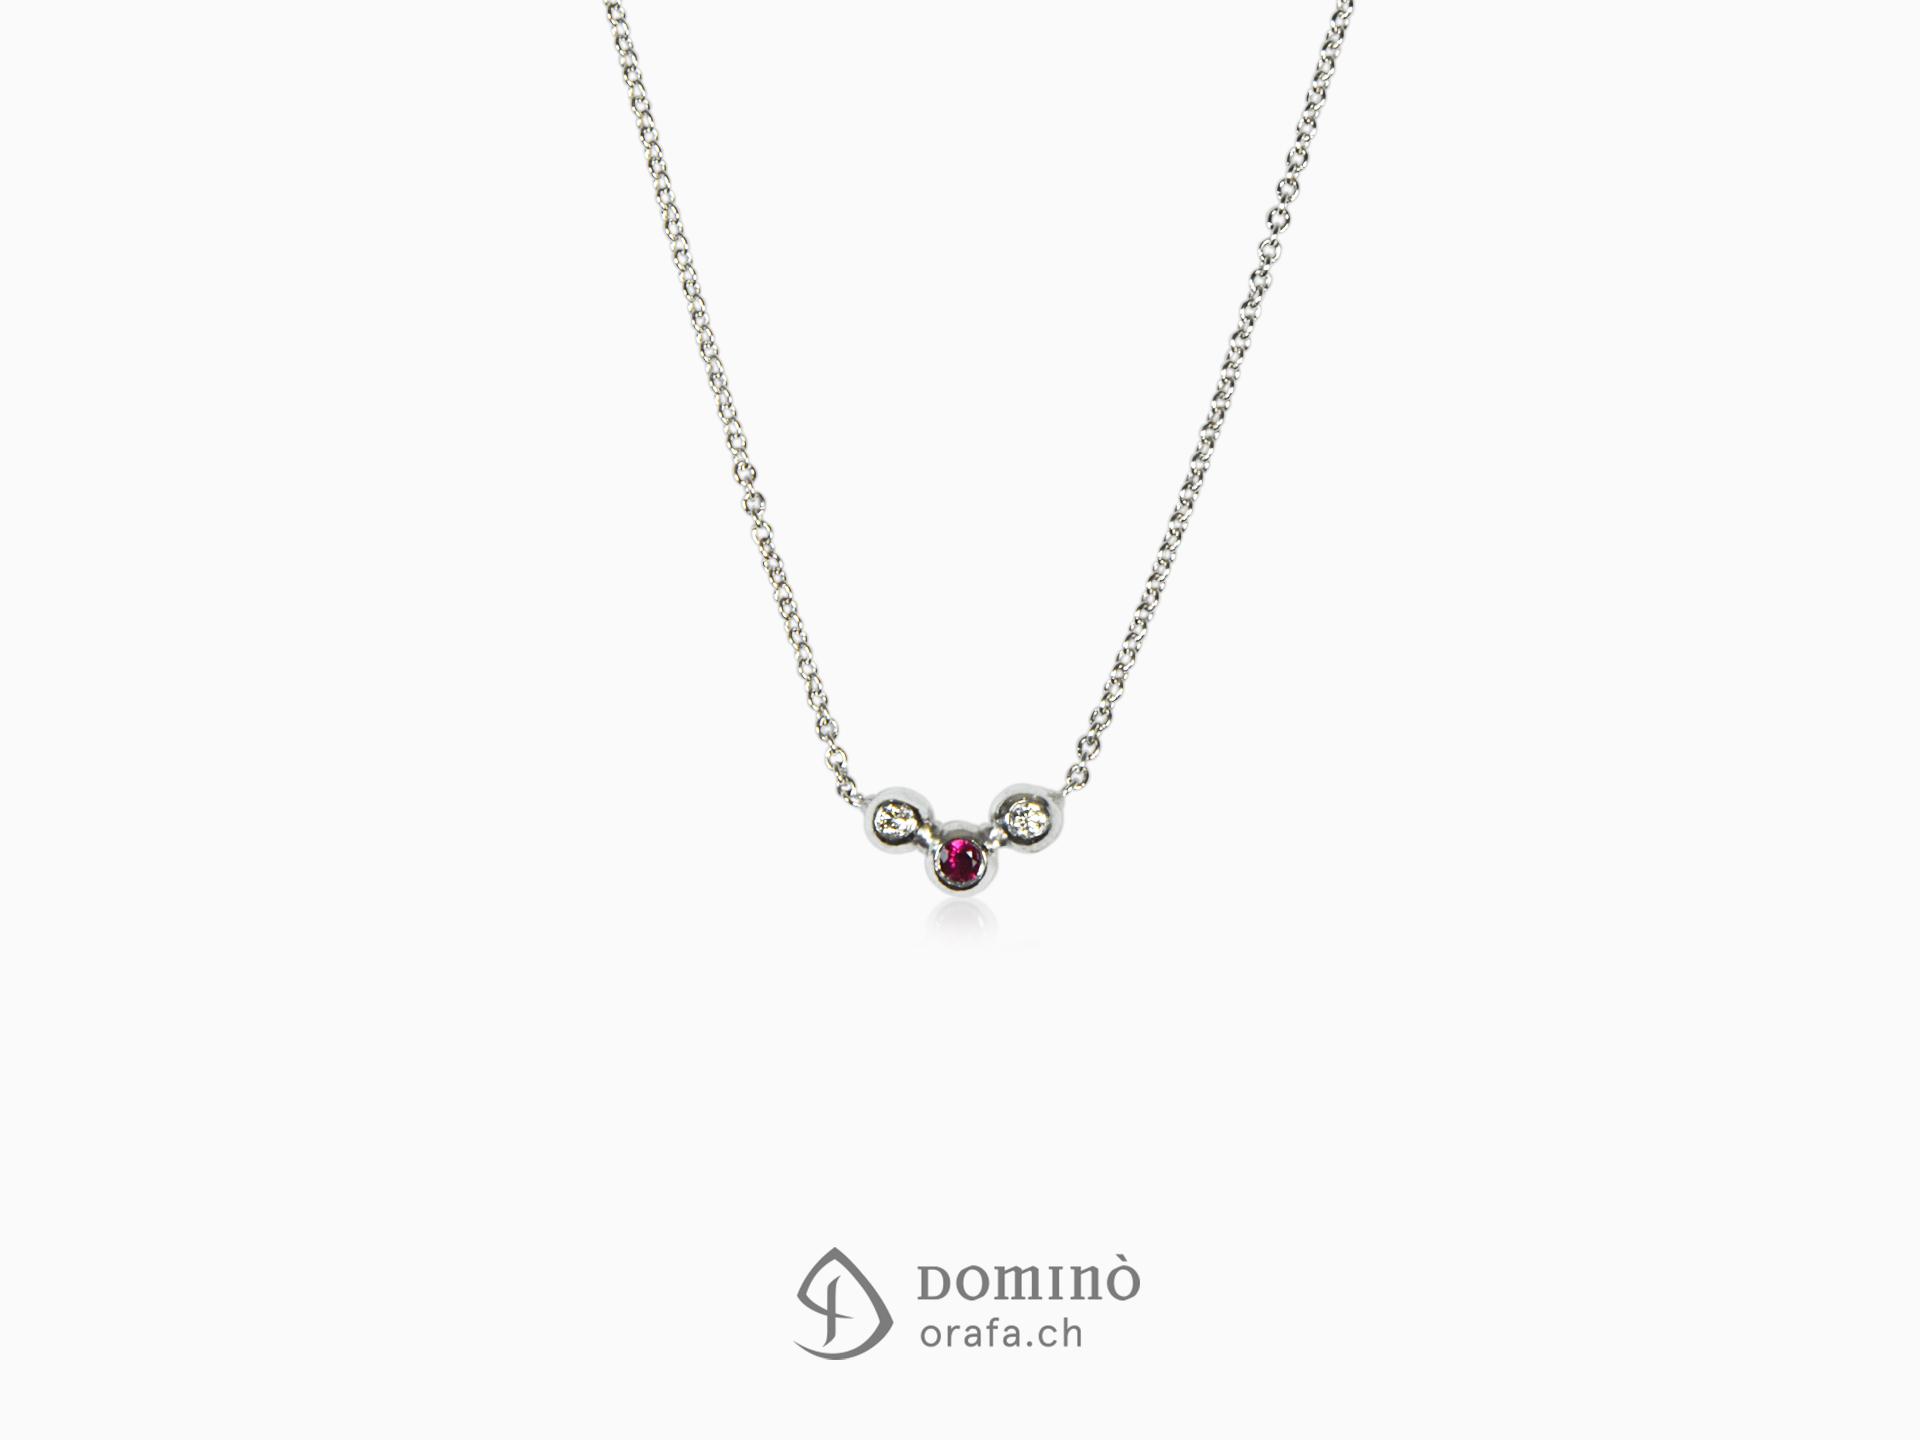 Collier Sfere con diamanti e rubino